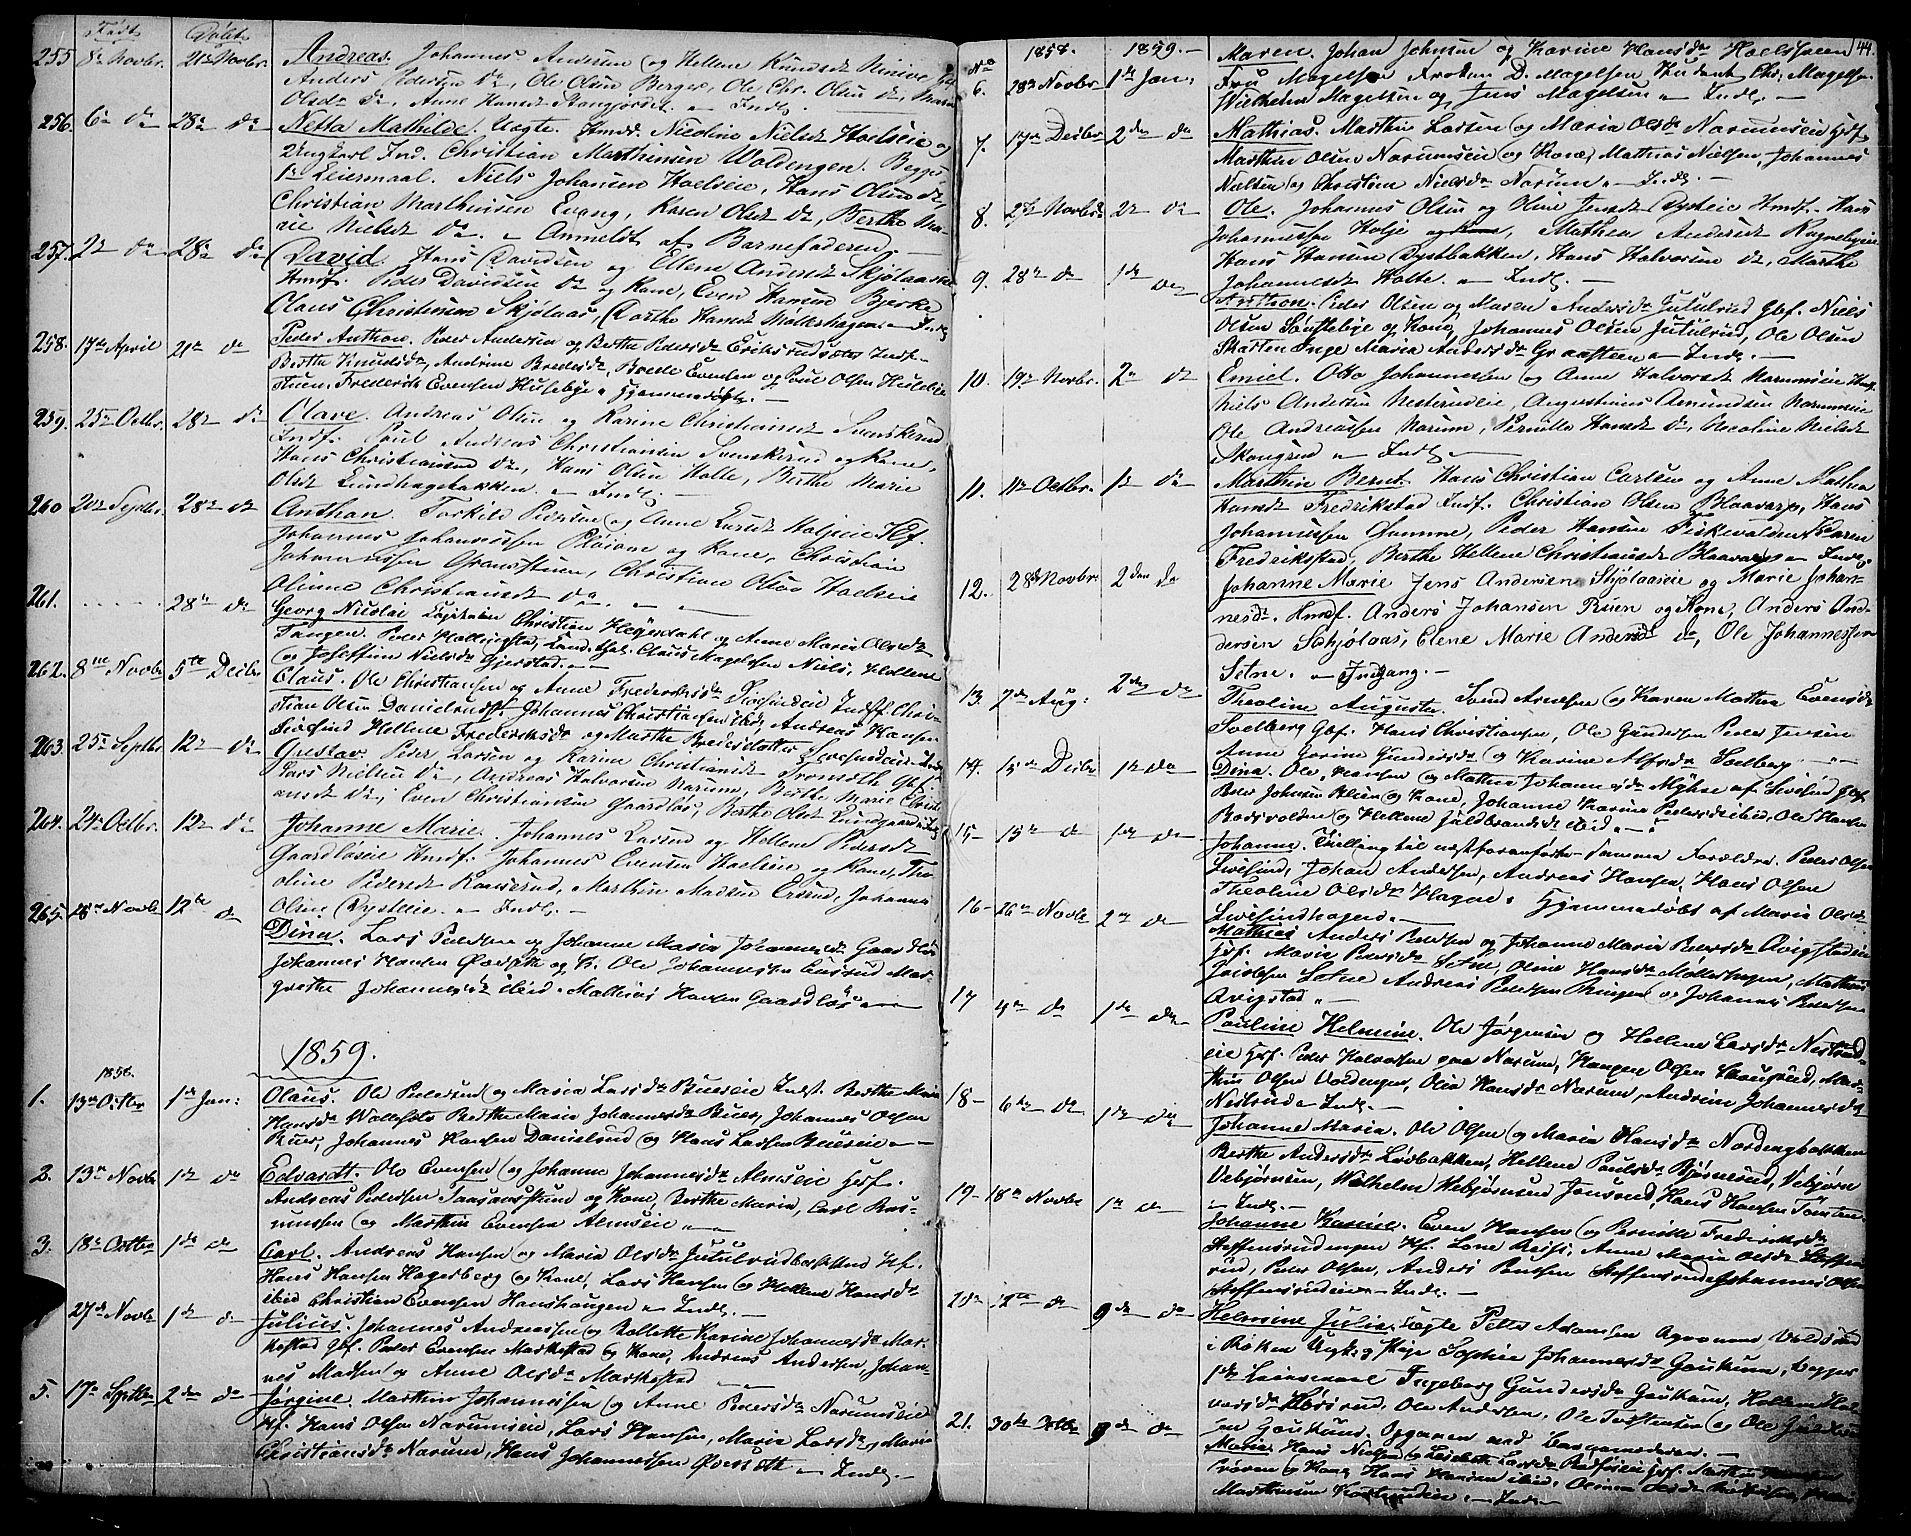 SAH, Vestre Toten prestekontor, Klokkerbok nr. 5, 1854-1870, s. 44